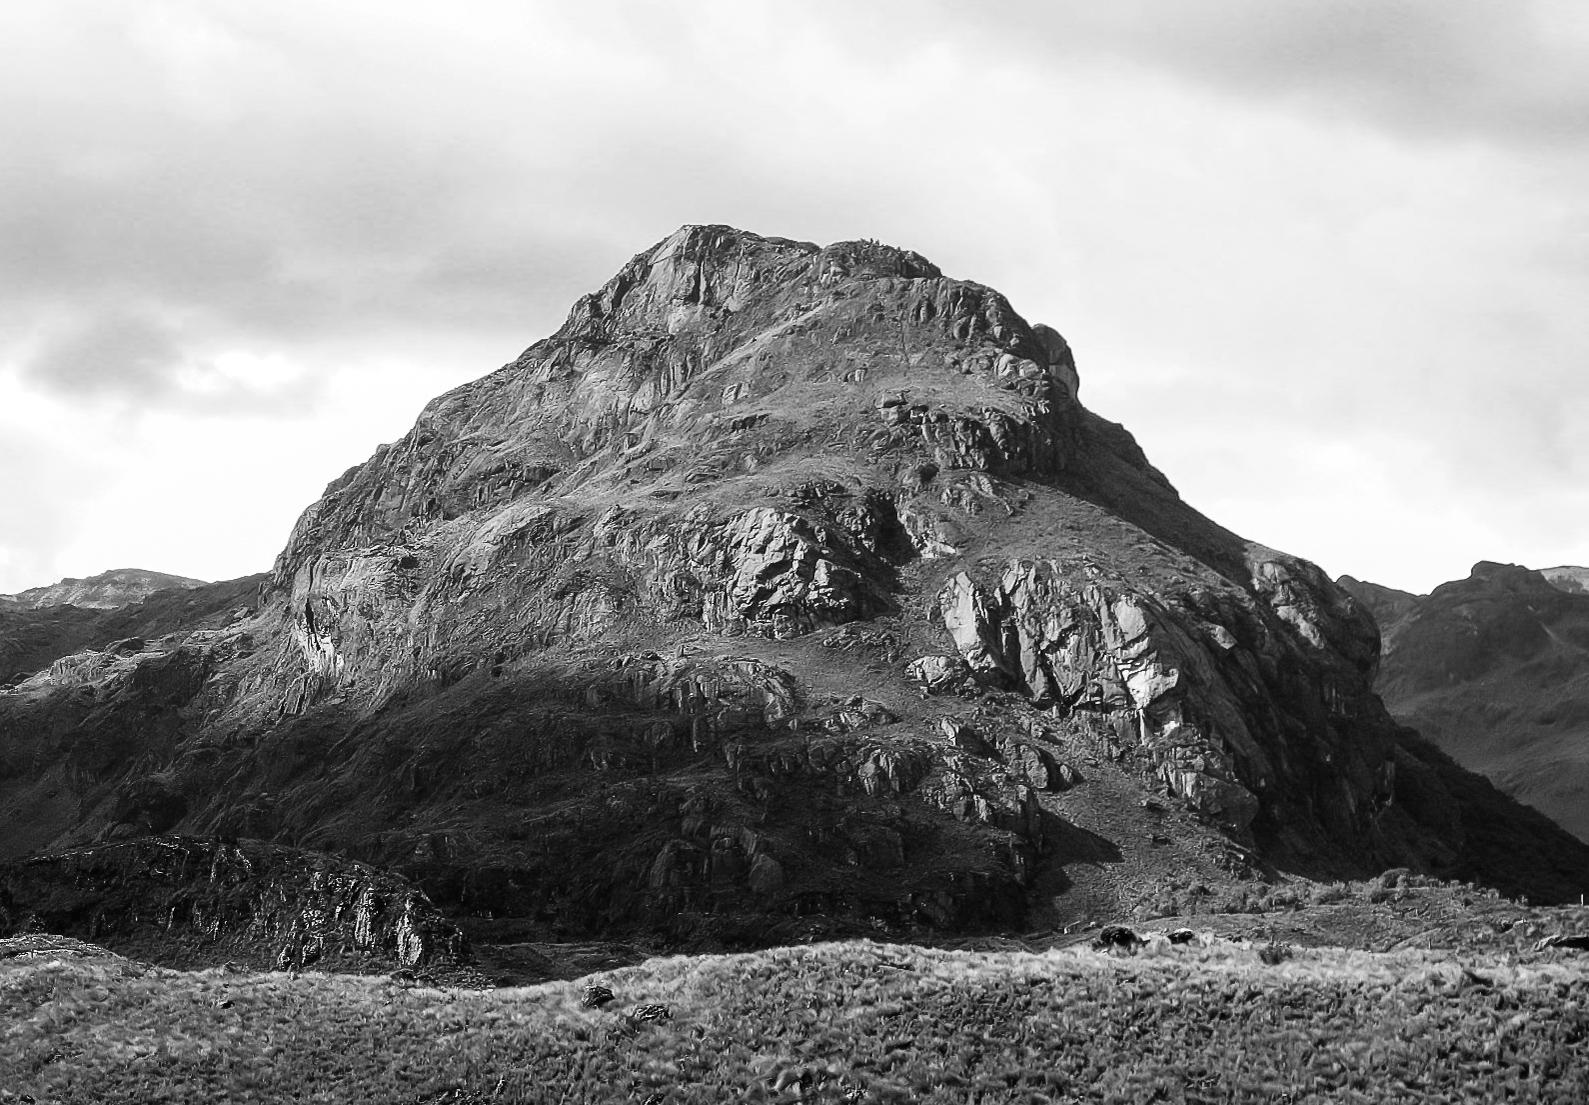 cuenca_el-cajas-national-park-8172-_compact-mountain.jpg